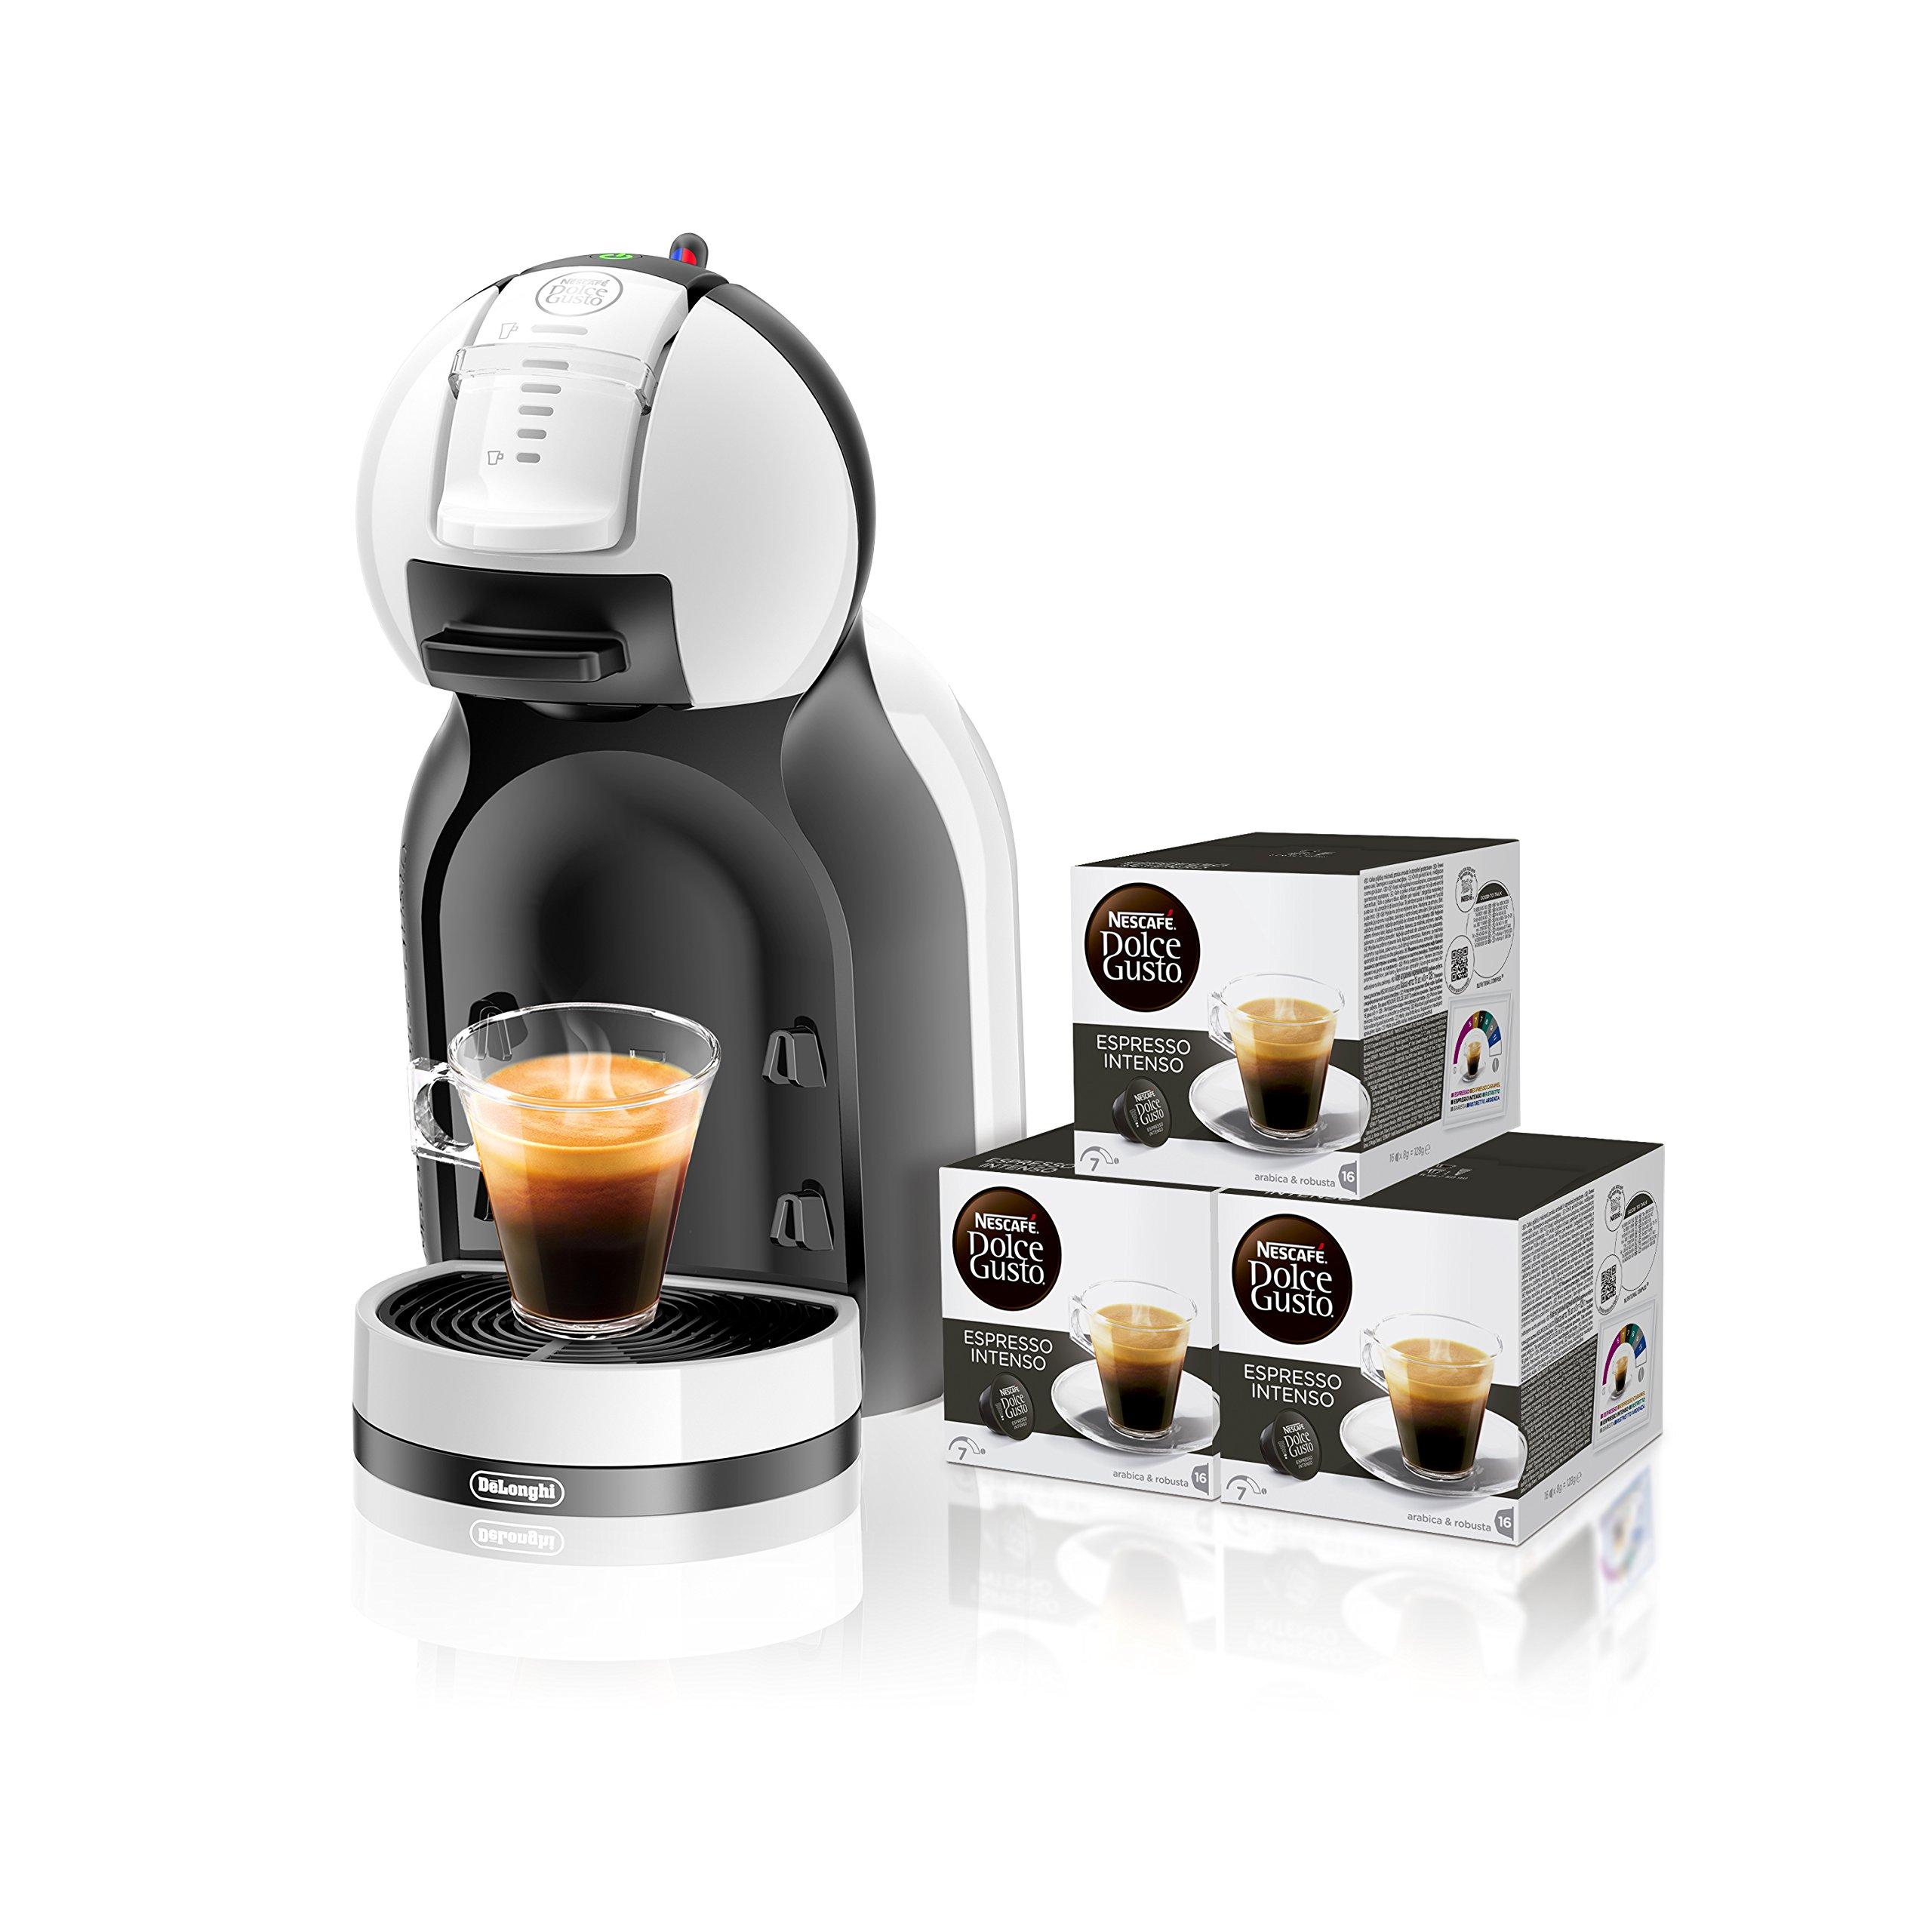 Pack DeLonghi Dolce Gusto Mini Me EDG305.WB - Cafetera de cápsulas, 15 bares de presión, color blanco y negro + 3 packs de café Dolce Gusto Espresso Intenso: Amazon.es: Hogar